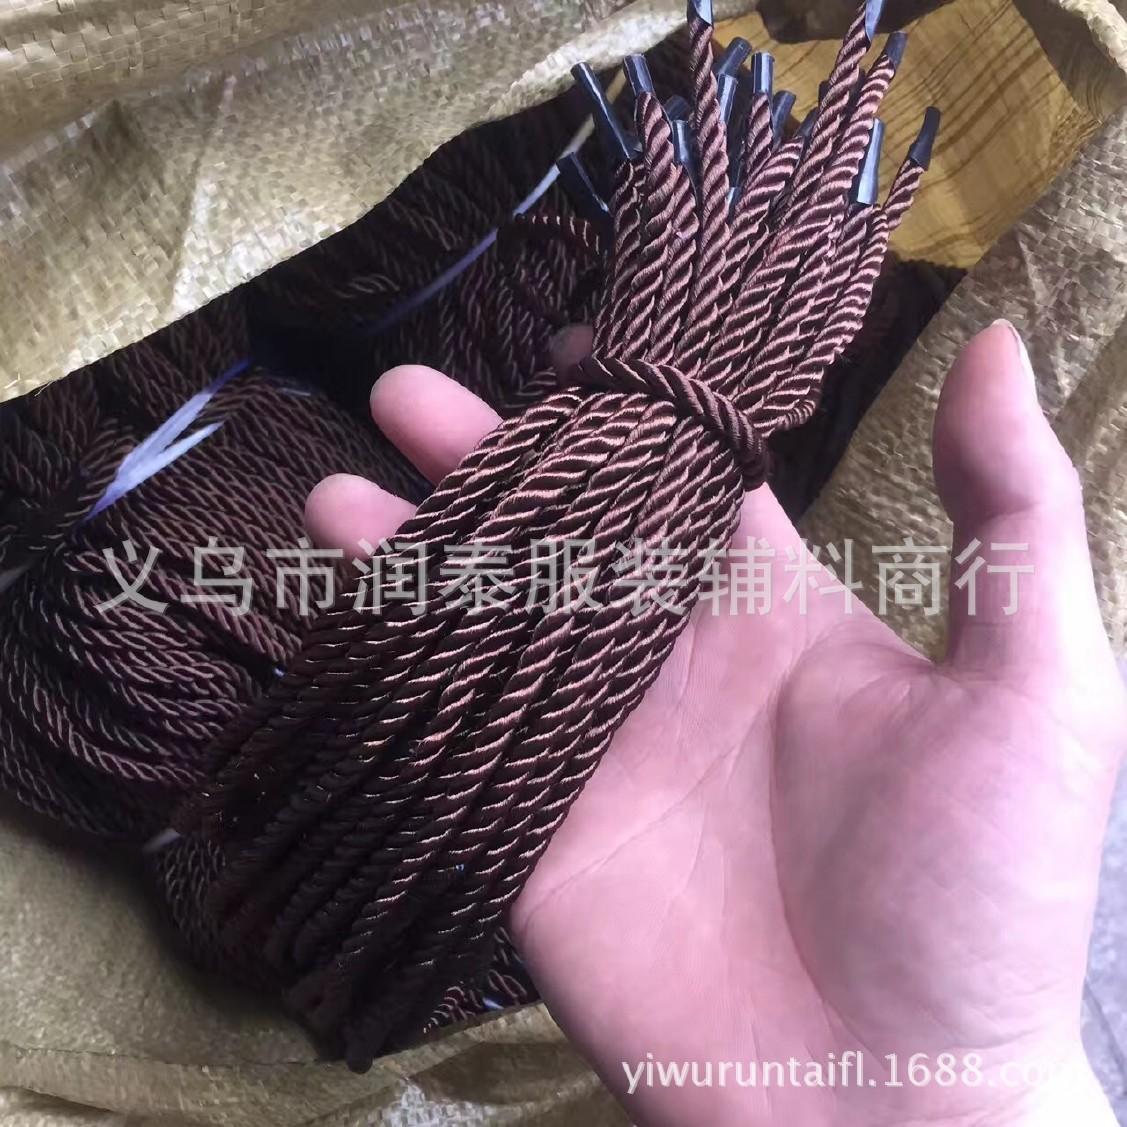 三股绳手提绳 手提袋绳子 涤纶卡头 手拎绳 酒盒绳图片